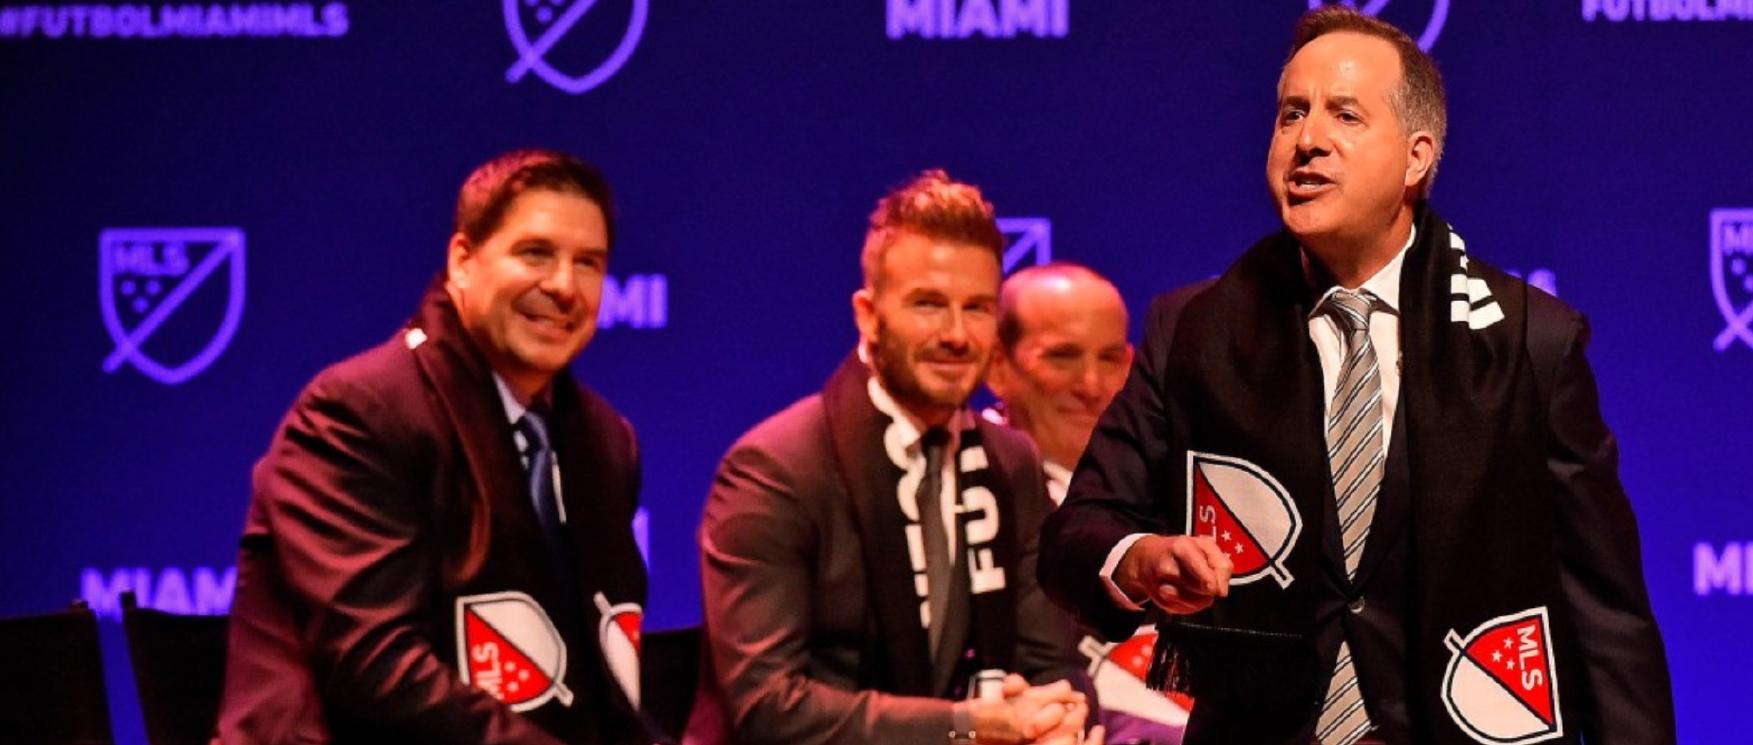 """El equipo de expansion de Miami de la MLS tendrá nombre """"muy pronto"""" según el co-fundador del Club"""